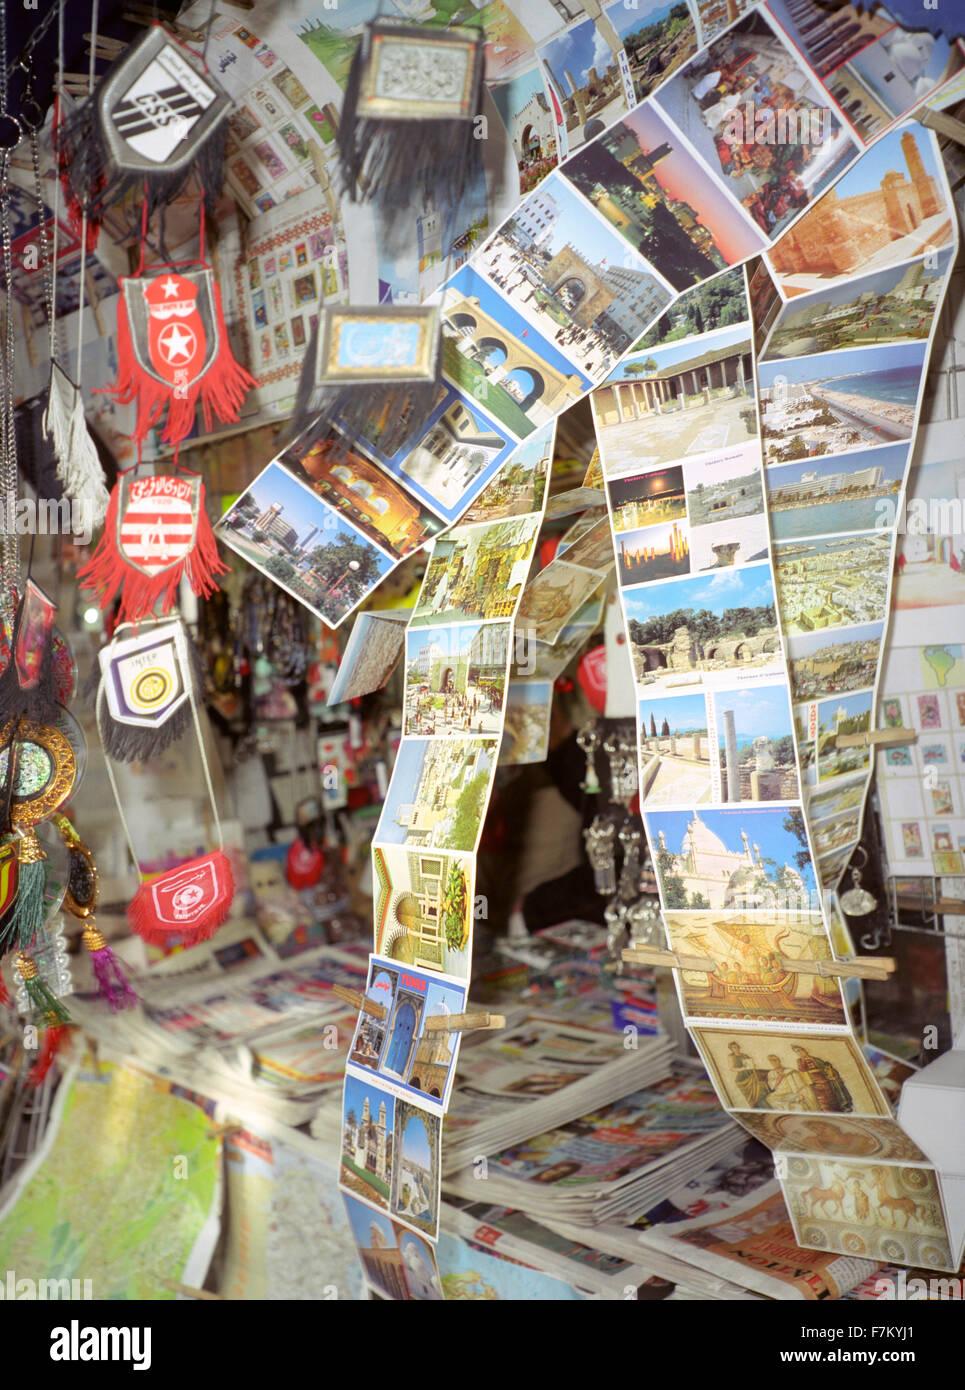 Cartes postales touristiques soufflent dans le vent à un kiosque à Tunis, Tunisie, Afrique du Nord Photo Stock